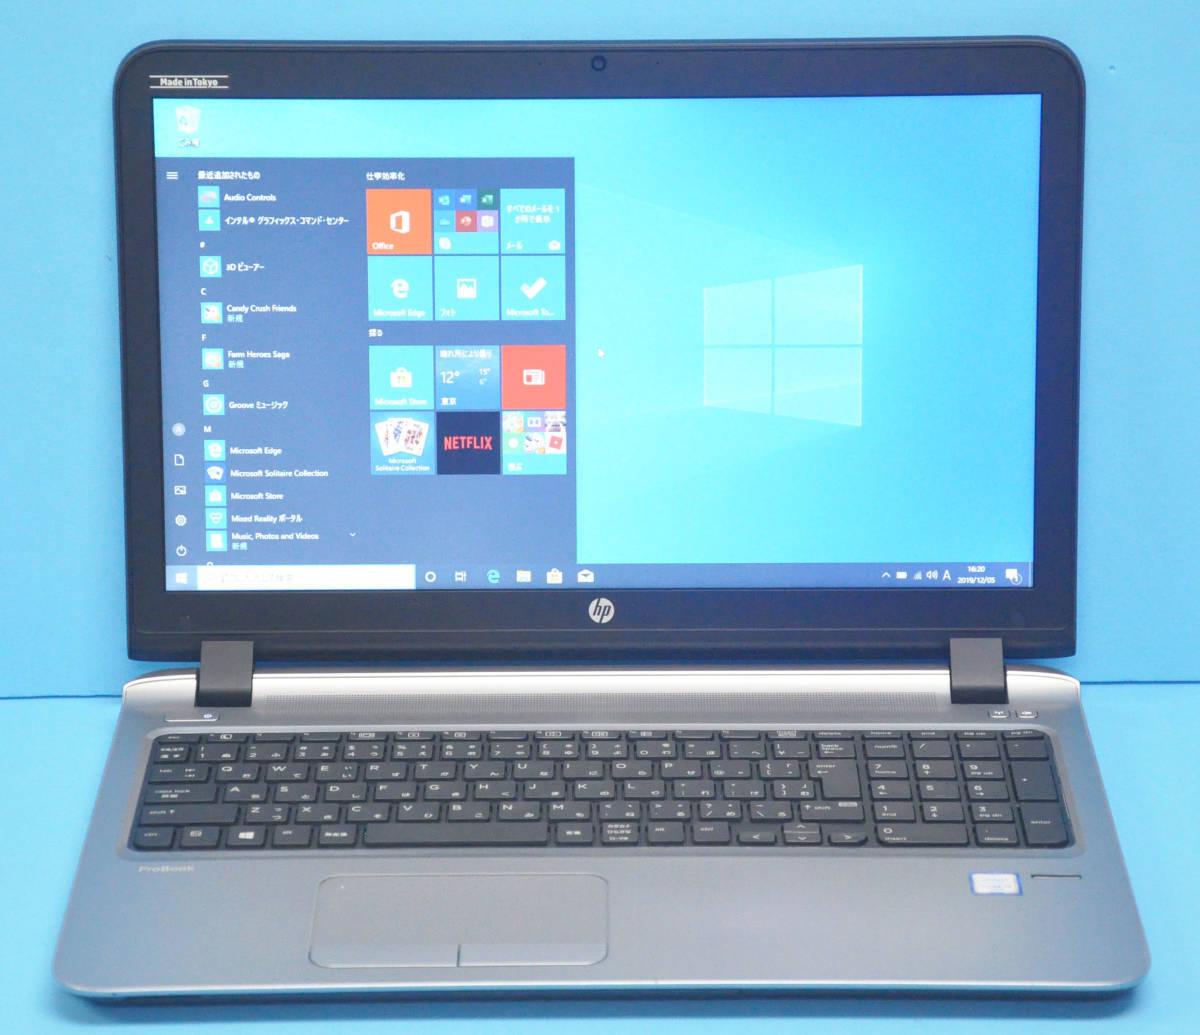 ★ 美品 上位モデル ProBook 450 G3 ★ 高速SSD !! 大画面15.6 Core i3 6100U / メモリ8GB / 新SSD 240GB / カメラ / Office2019 / Win10_画像5